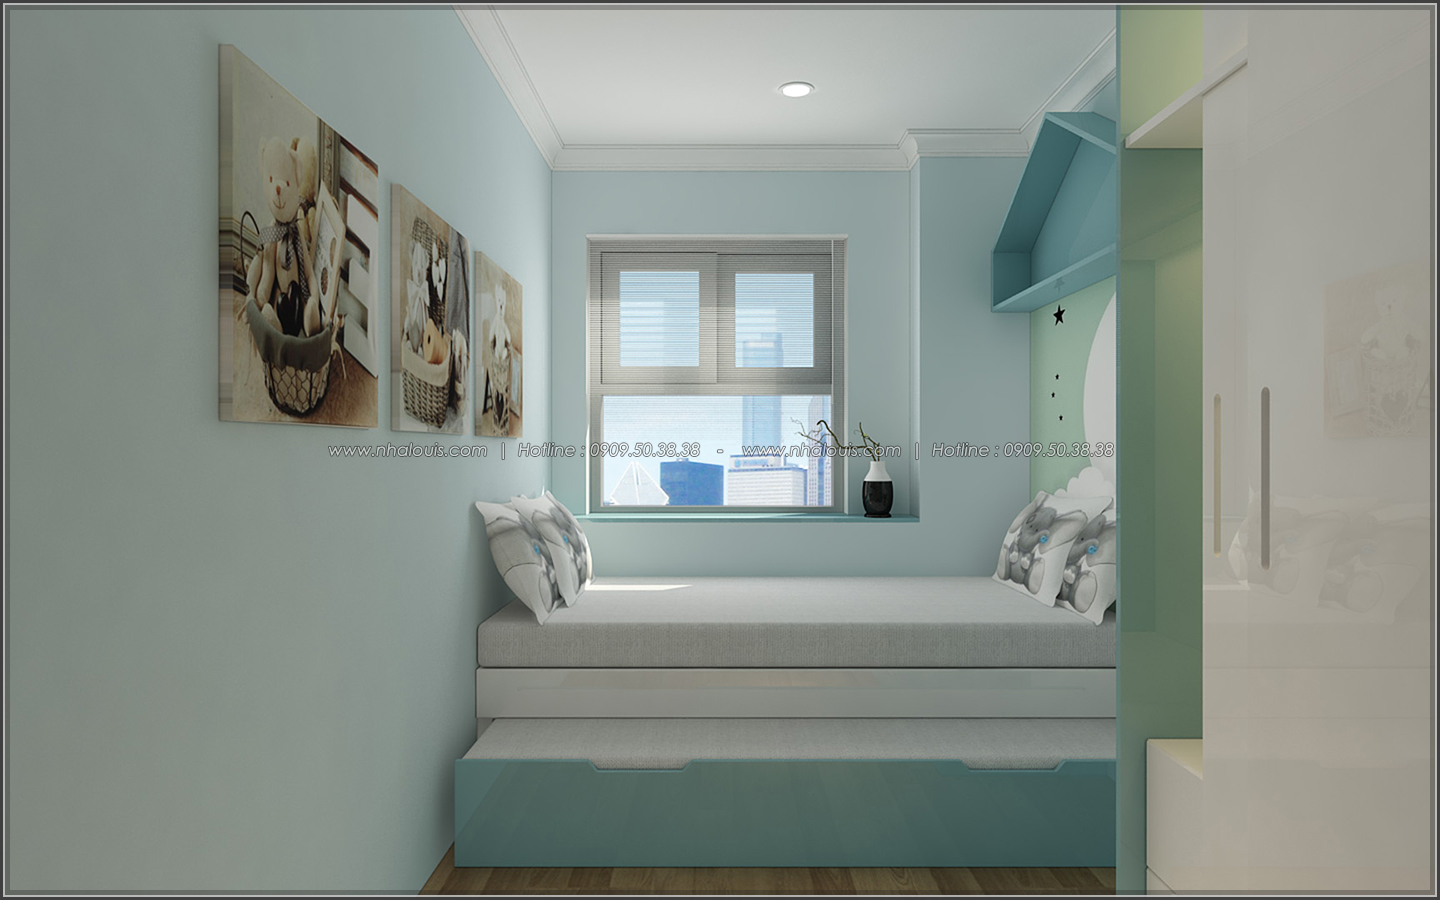 Bị chinh phục với thiết kế nội thất căn hộ Sunrise City đẹp sang trọng - 14